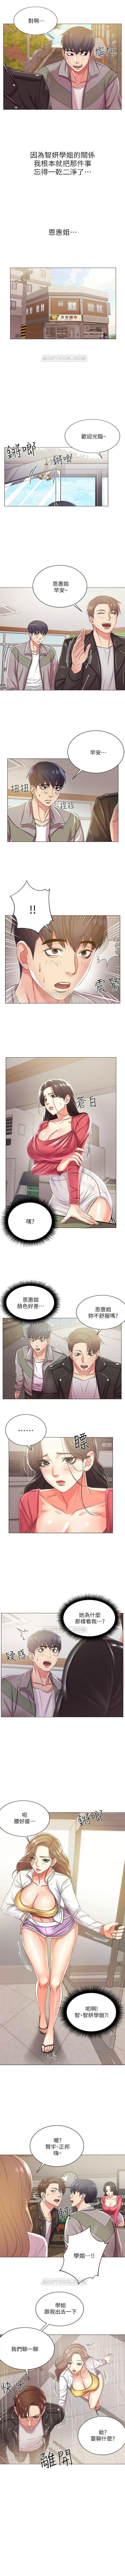 (週3)超市的漂亮姐姐 1-22 中文翻譯(更新中) 74